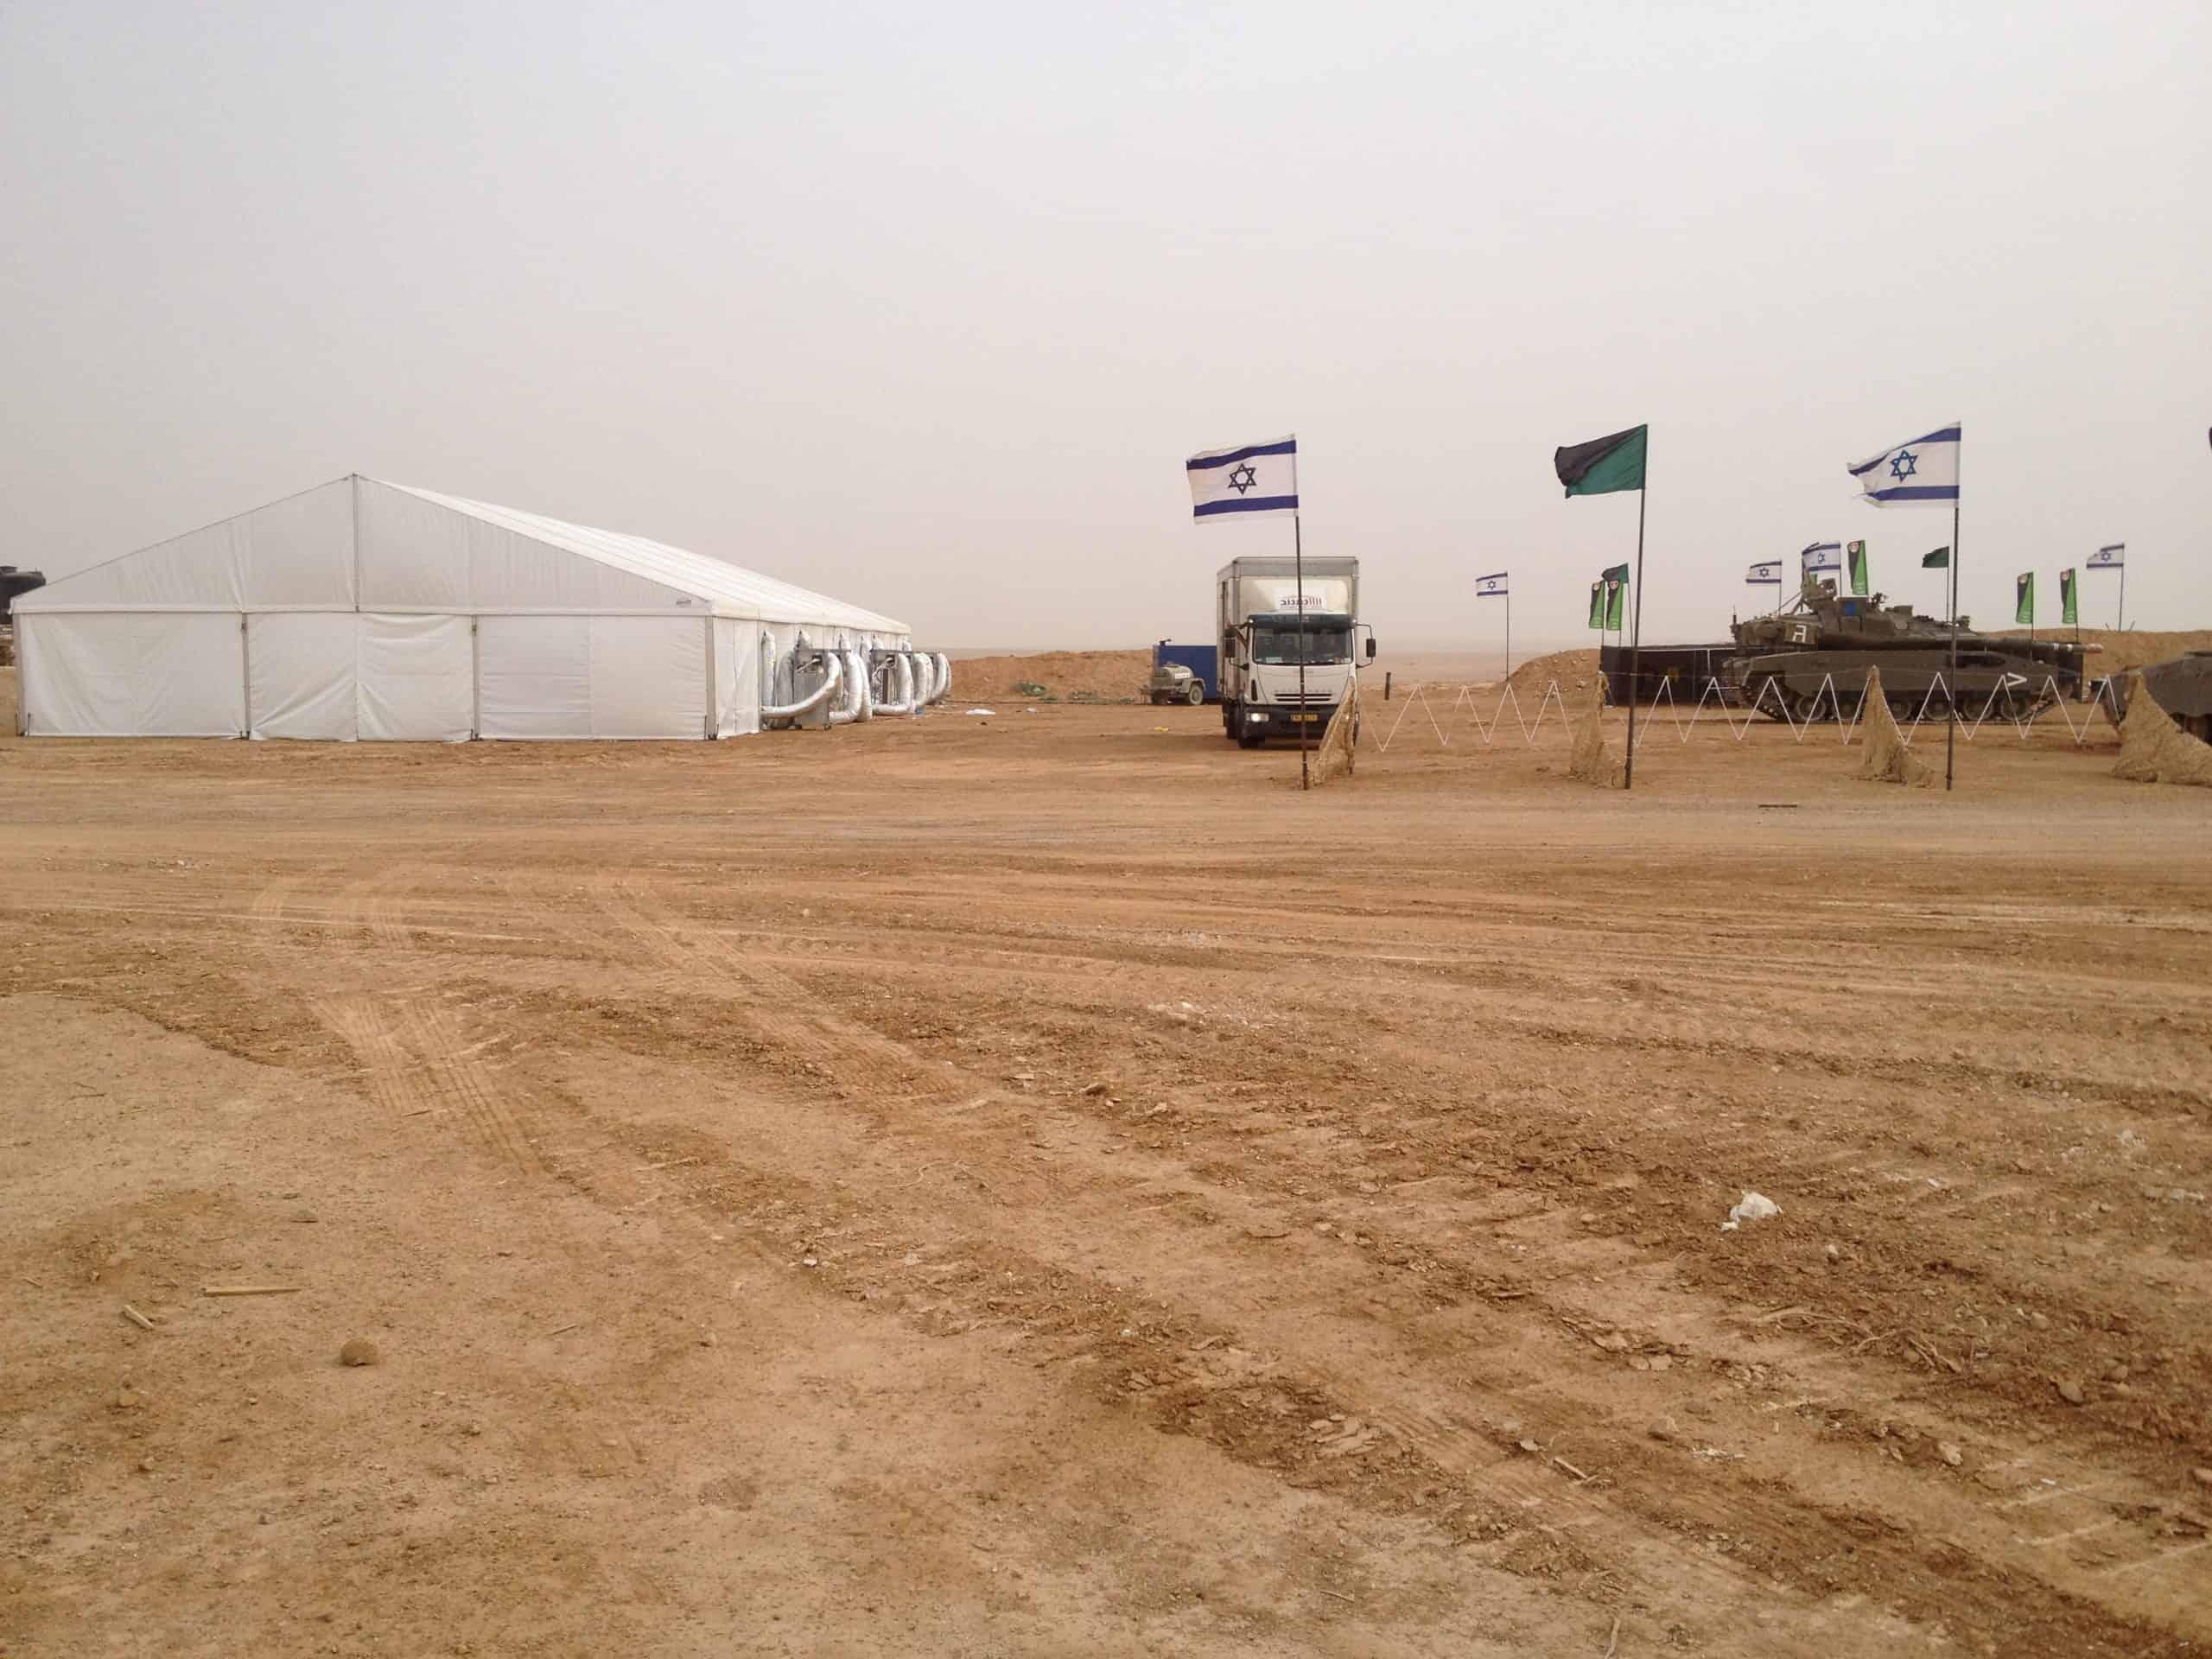 אוהלים ממוזגים להשכרה | מכירה אוהלי נתנוב - השכרת אוהלים